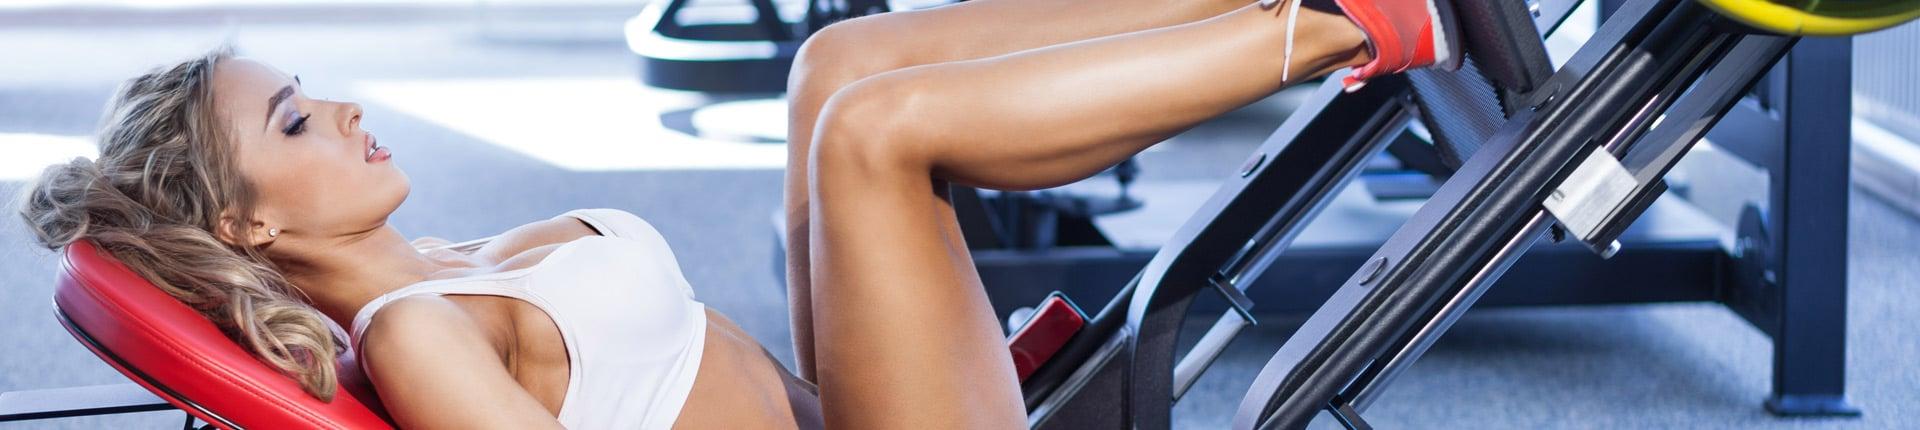 Wzmacniaj mięśnie dwugłowe!